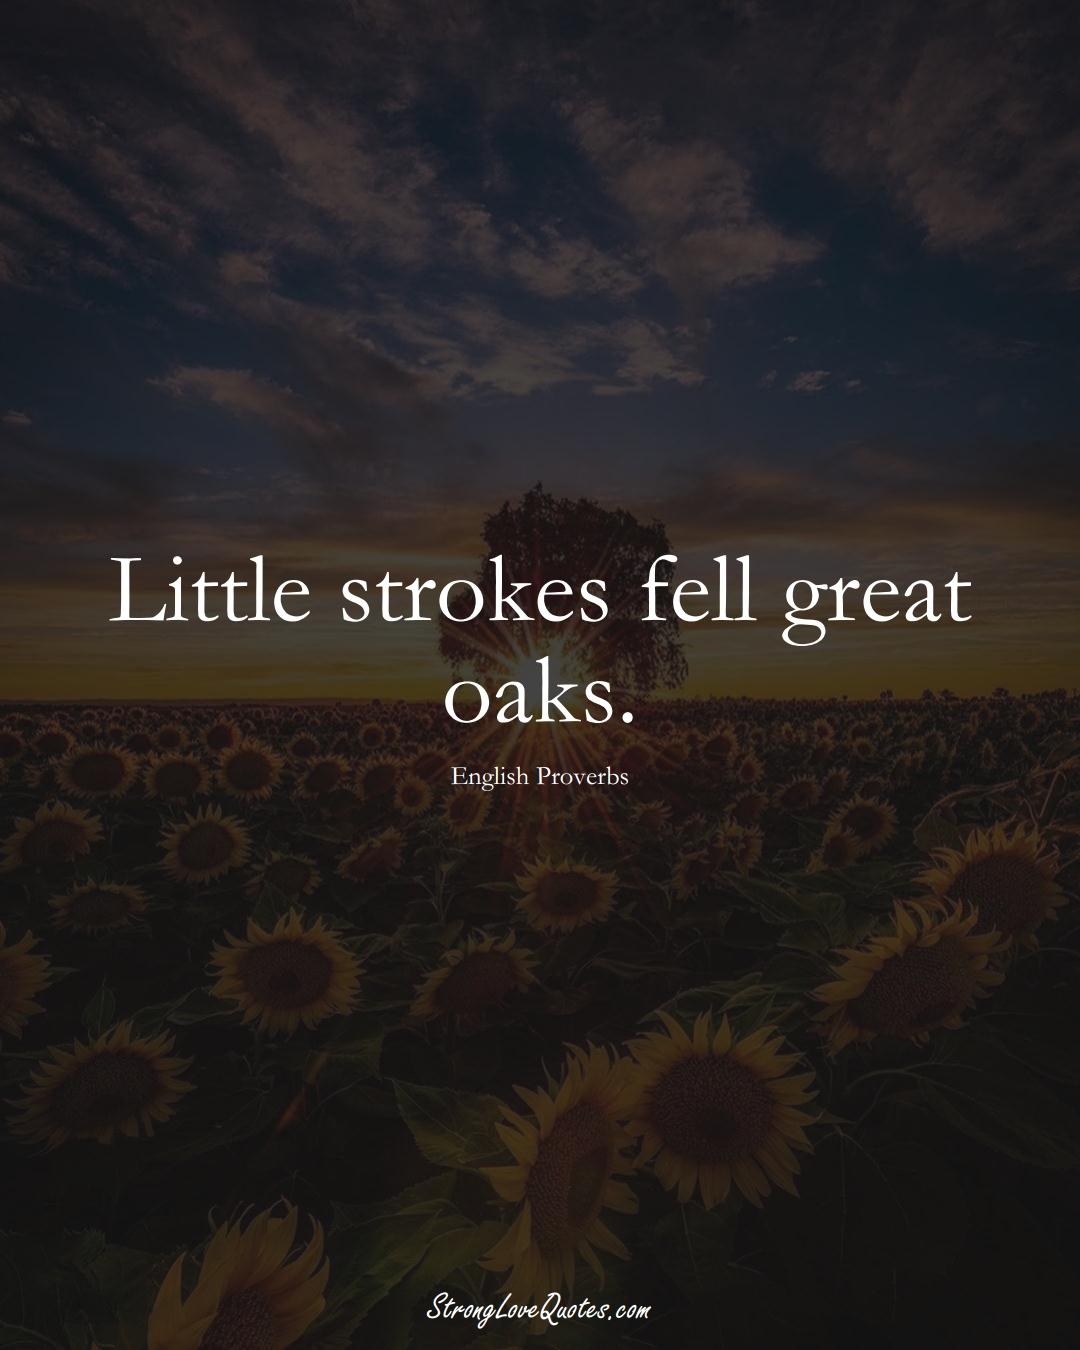 Little strokes fell great oaks. (English Sayings);  #EuropeanSayings